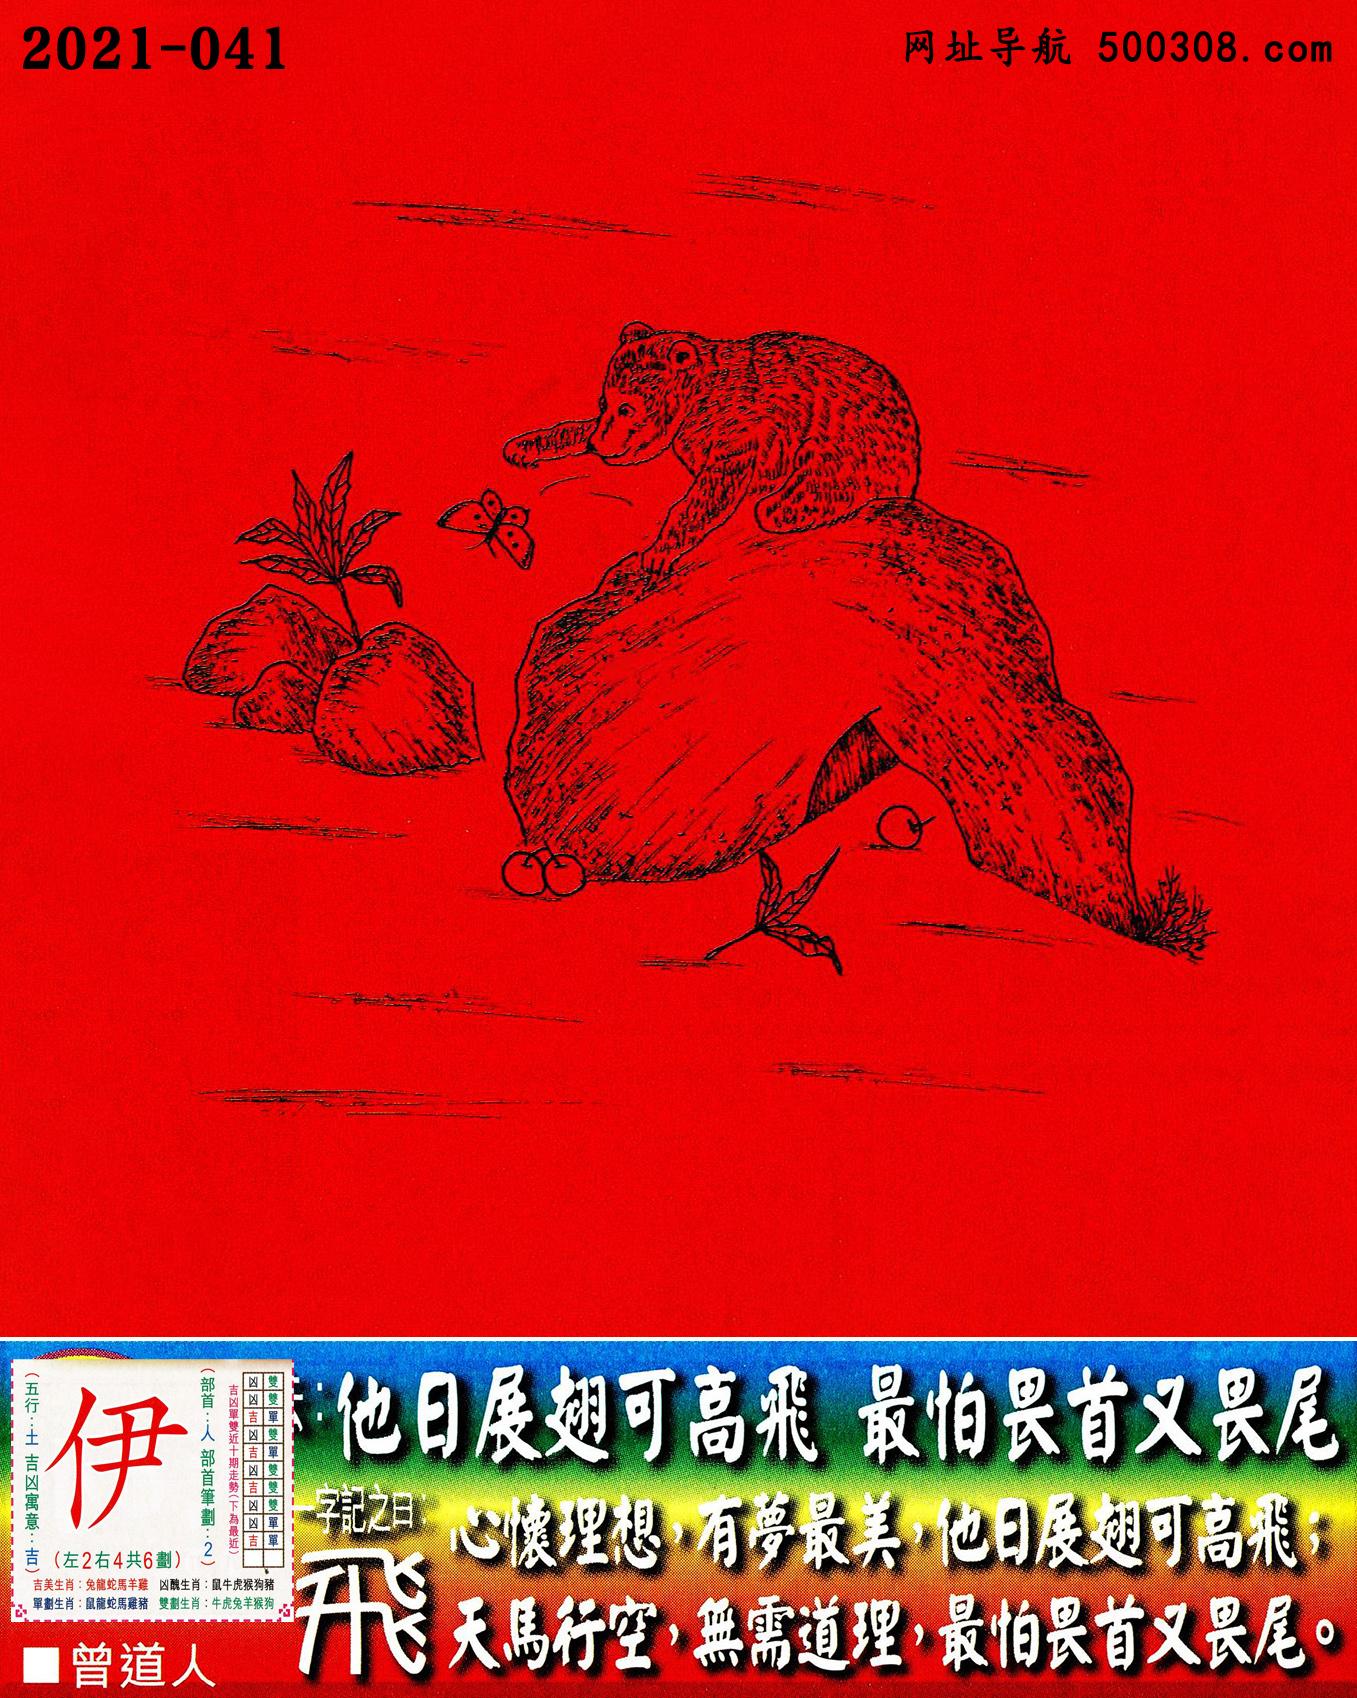 041期老版跑狗一字�之曰:【�w】_��:他日展翅可高�w,最怕畏首又畏尾。